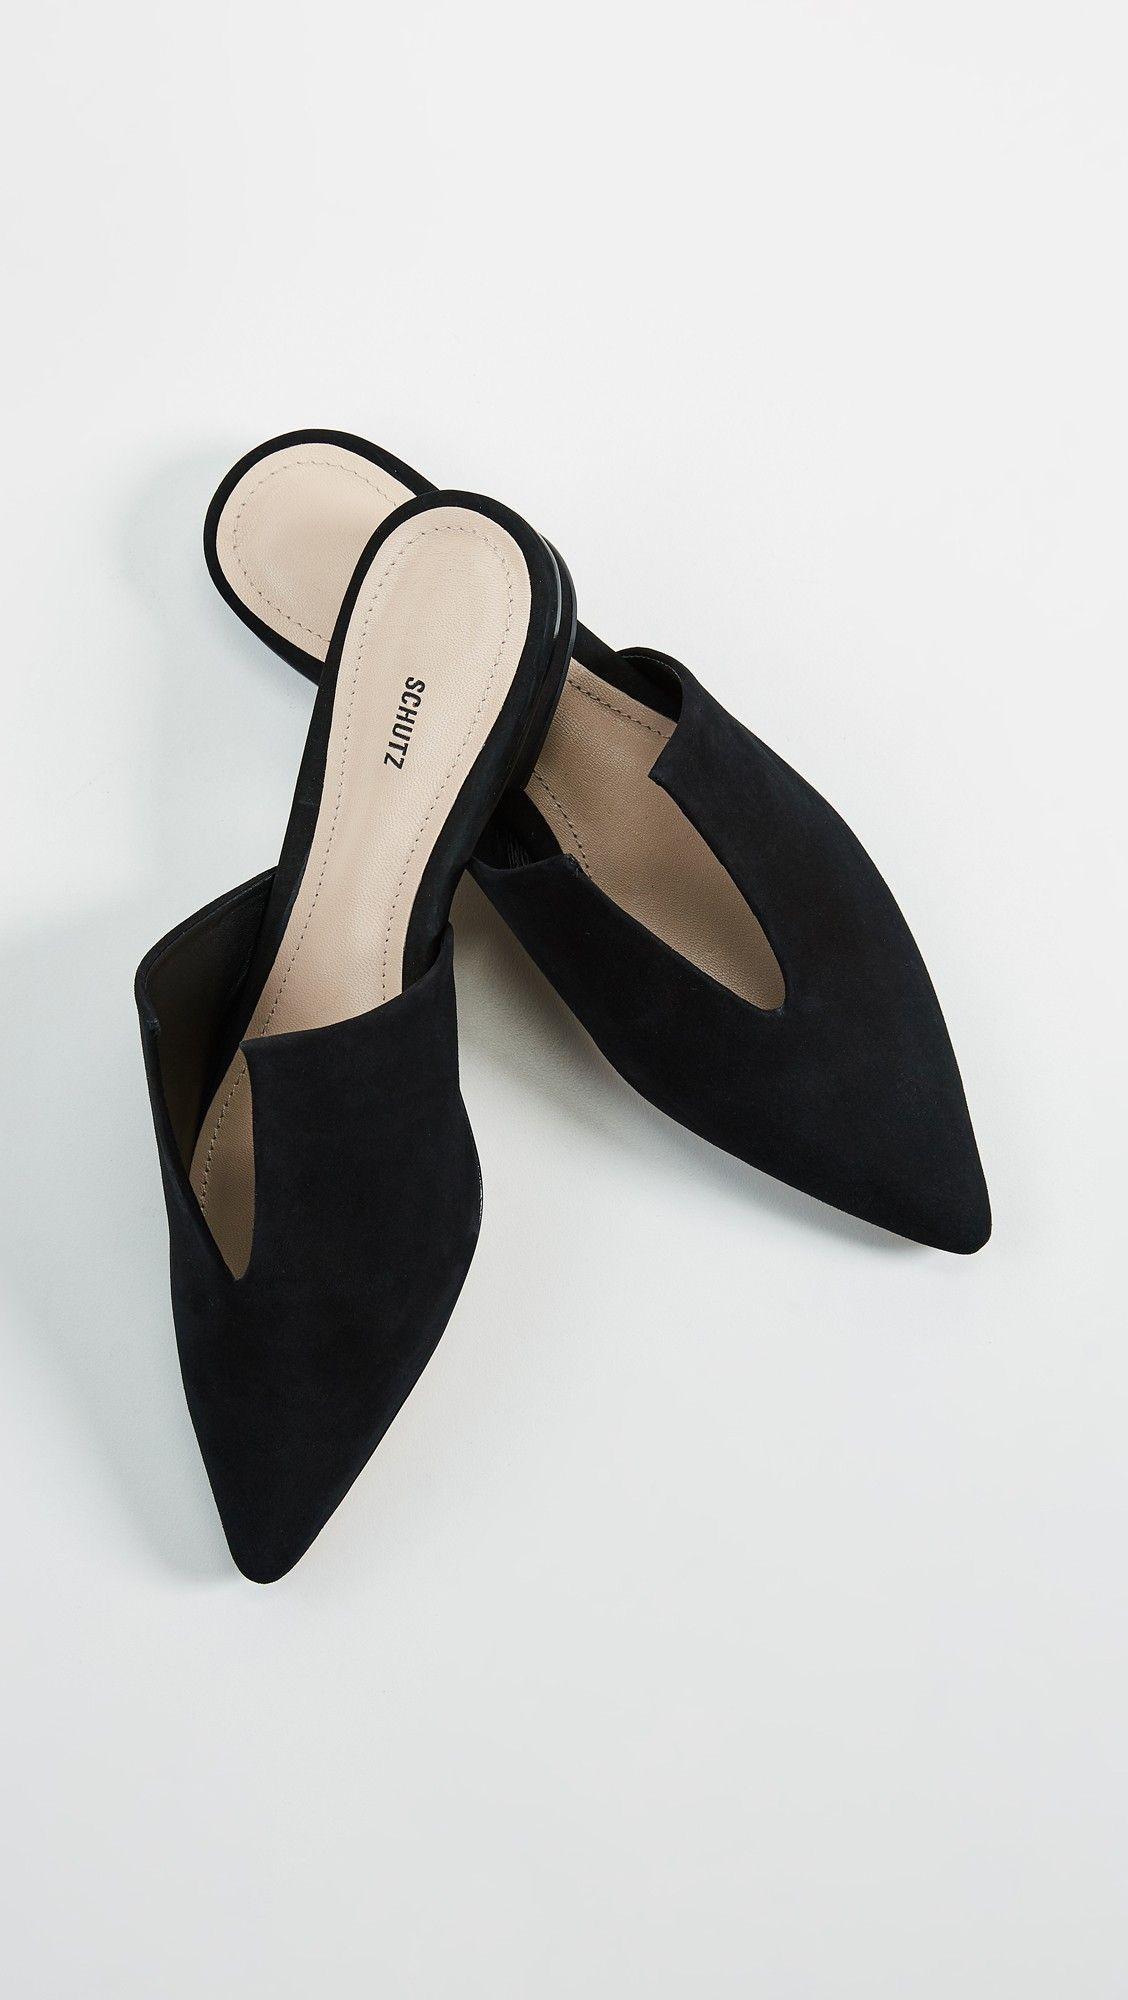 #Mules #flats #shoes